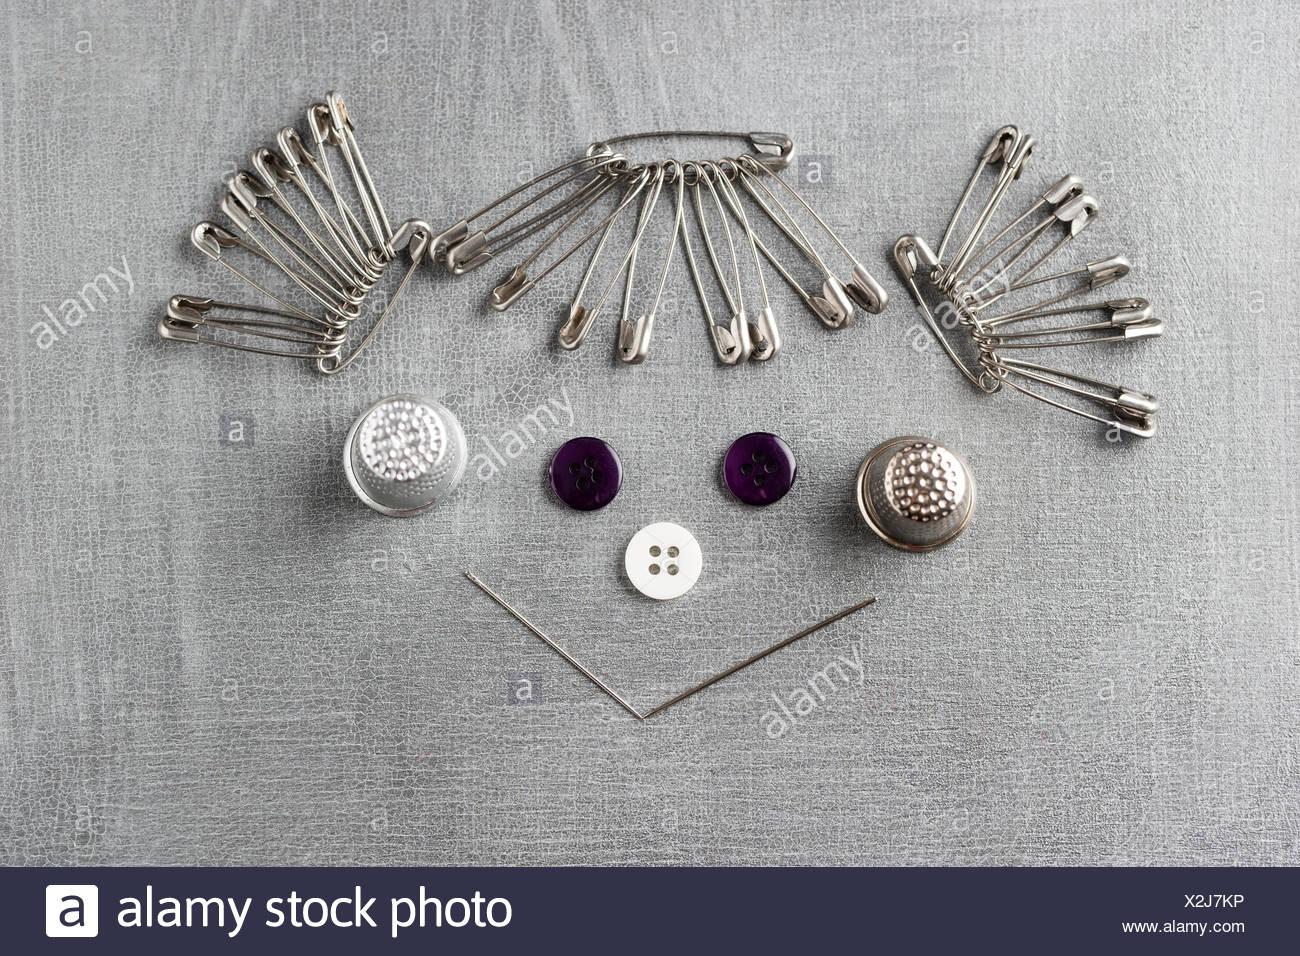 La faccina sorridente di una ragazza costruito di elementi di cucitura su sfondo grigio Immagini Stock